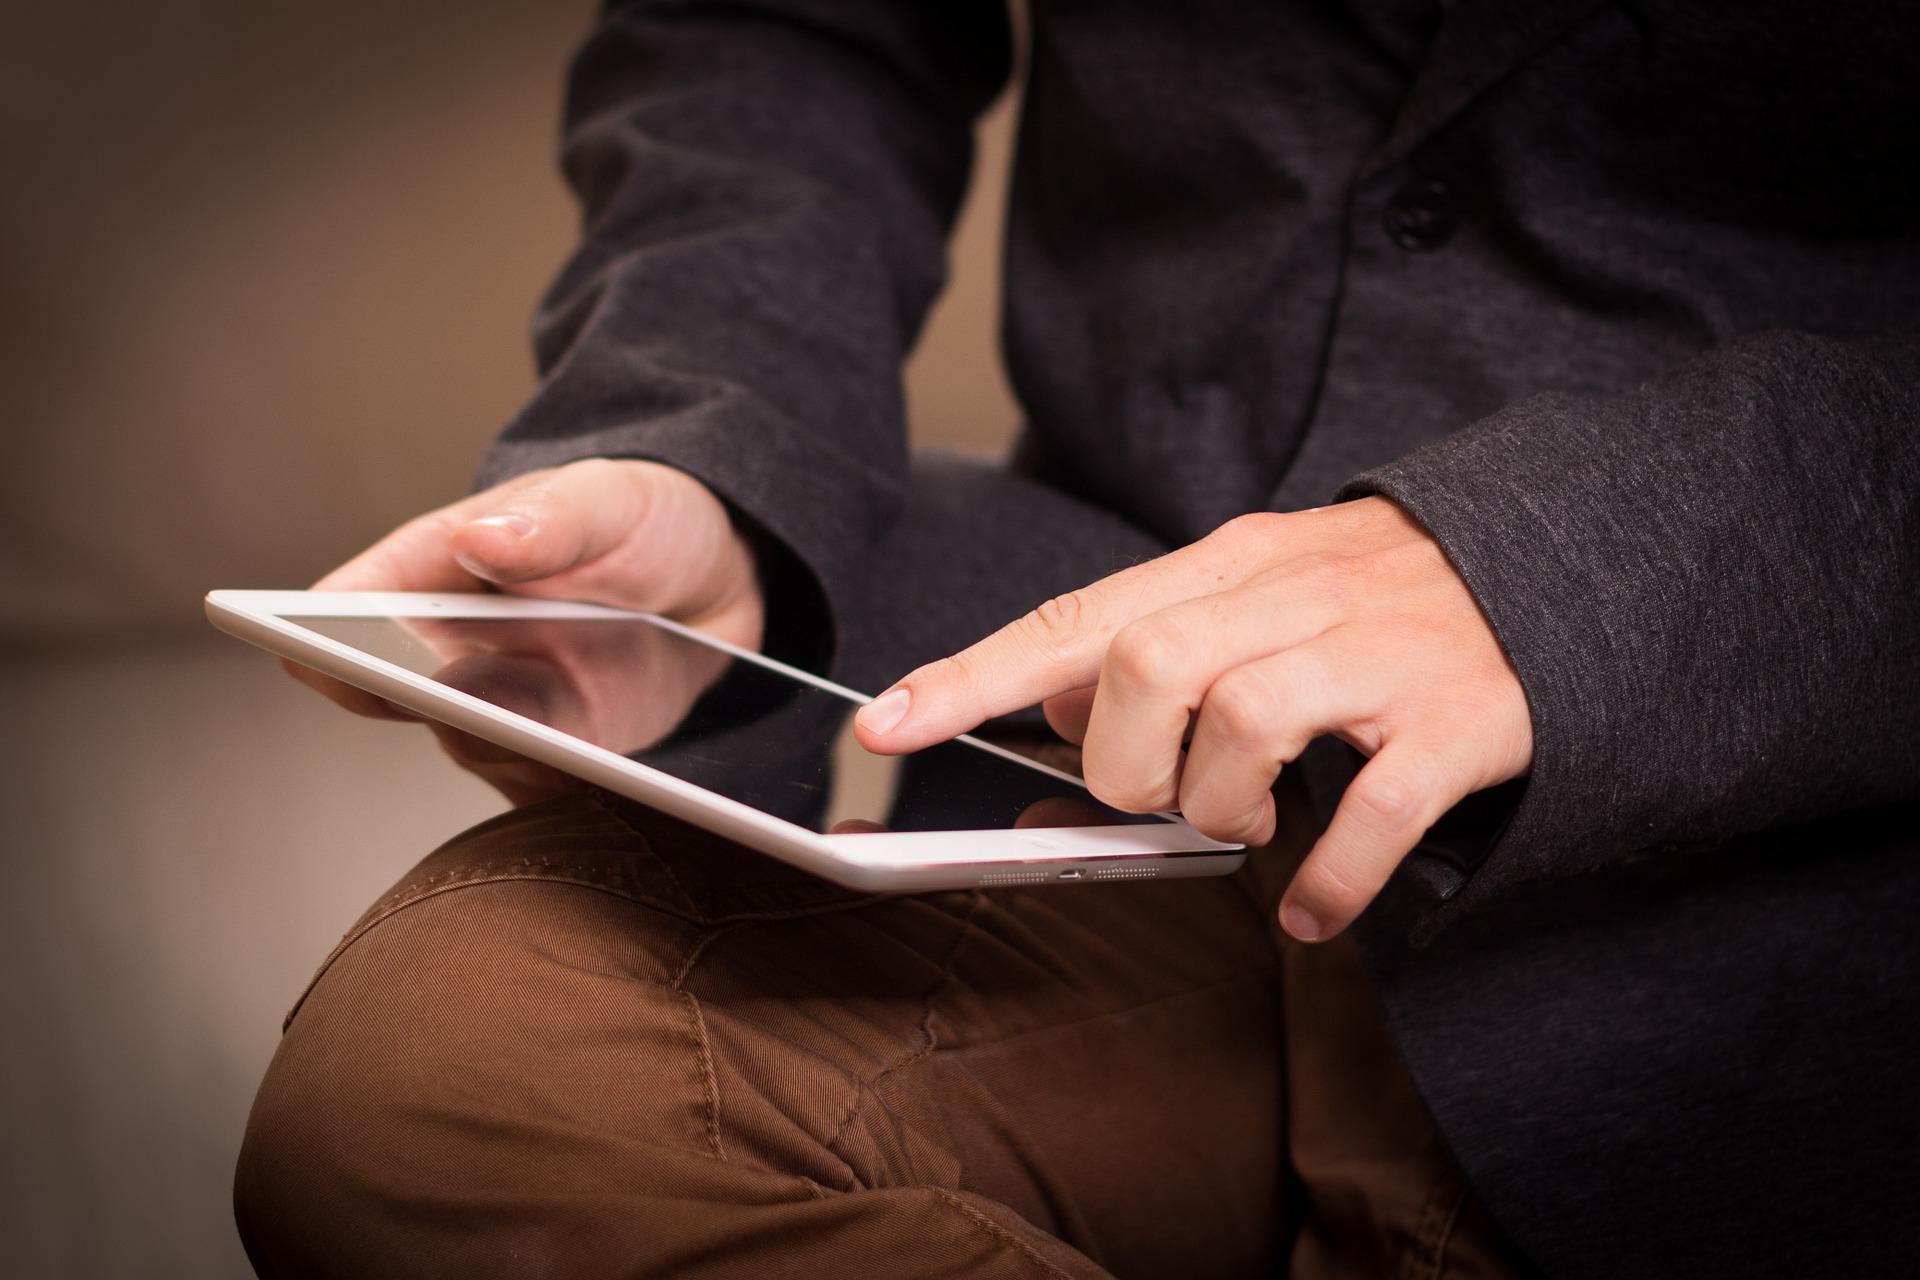 Tablettes pour les collégiens du Doubs (illustration Pixabay - Niek Verlaan de Pixabay)